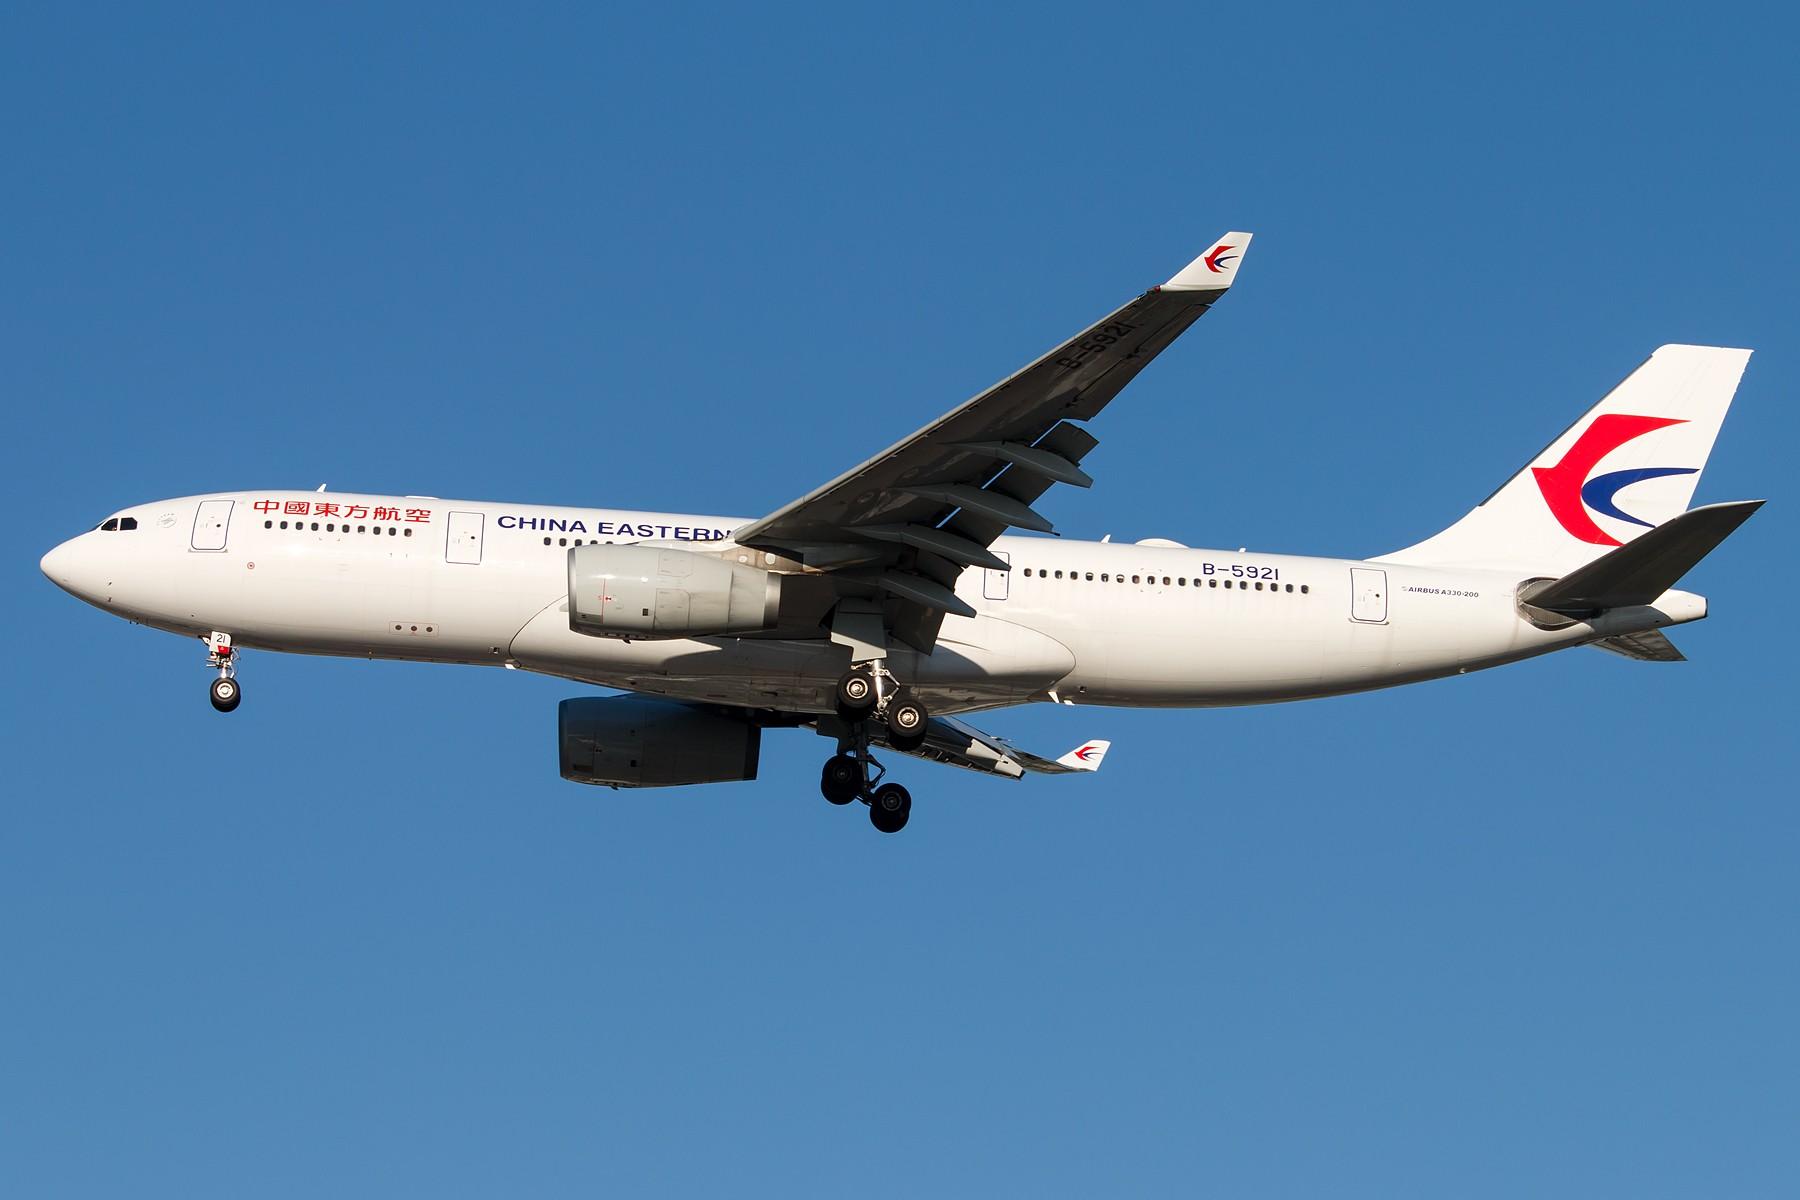 Re:[原创]杂图一组 1800*1200 AIRBUS A330-200 B-5921 中国北京首都国际机场